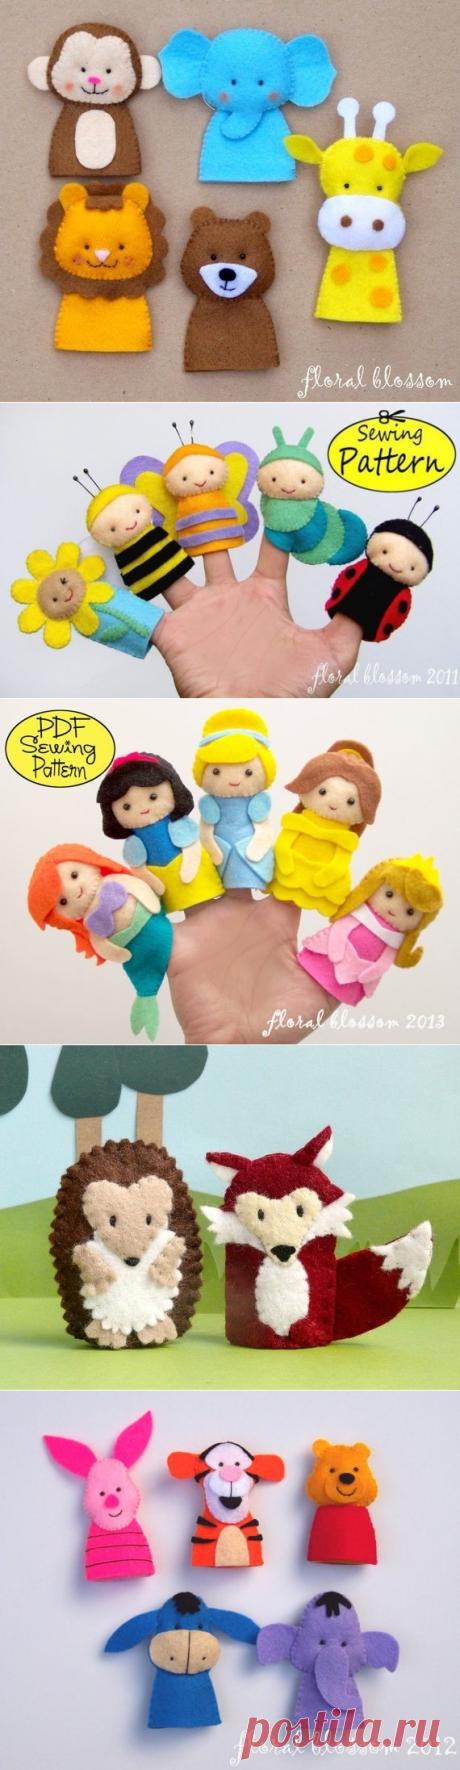 Простые игрушки на пальцах из фетра